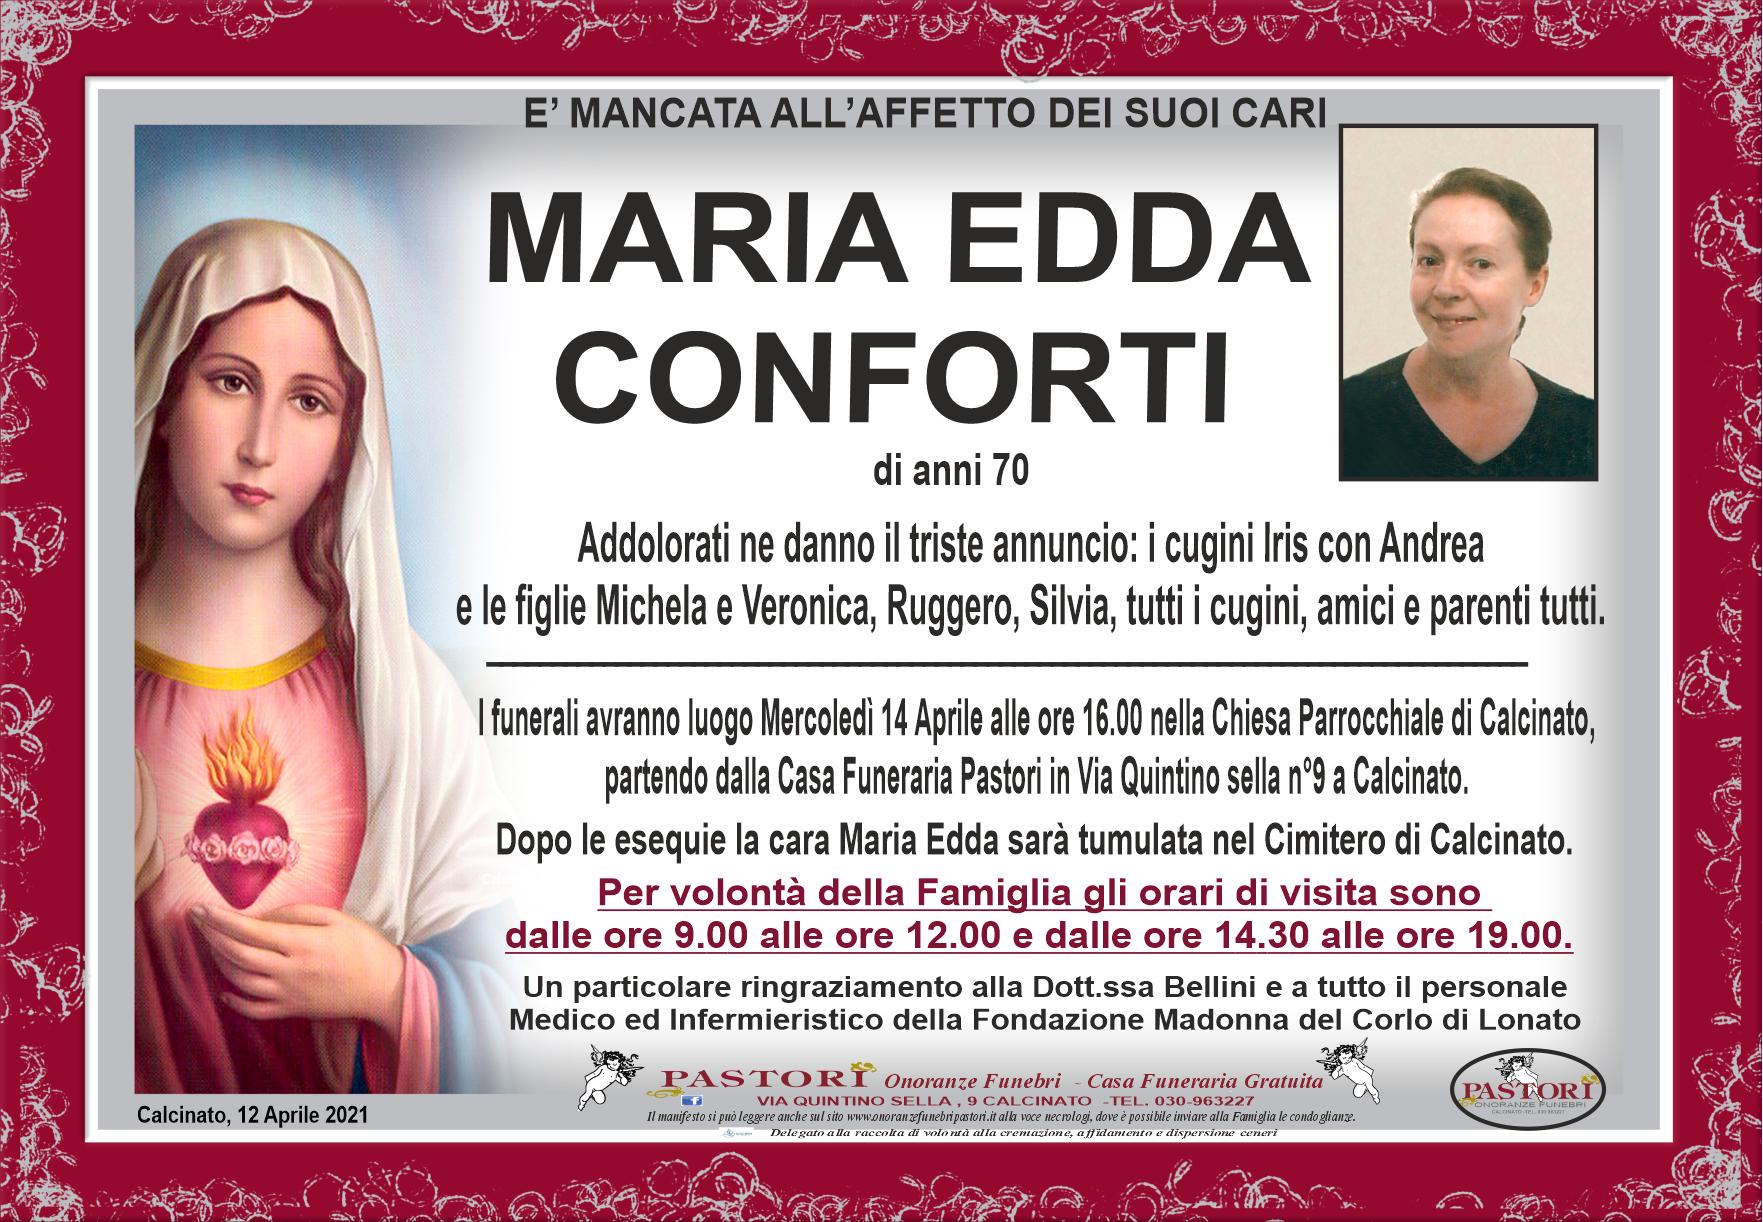 Maria Edda Conforti